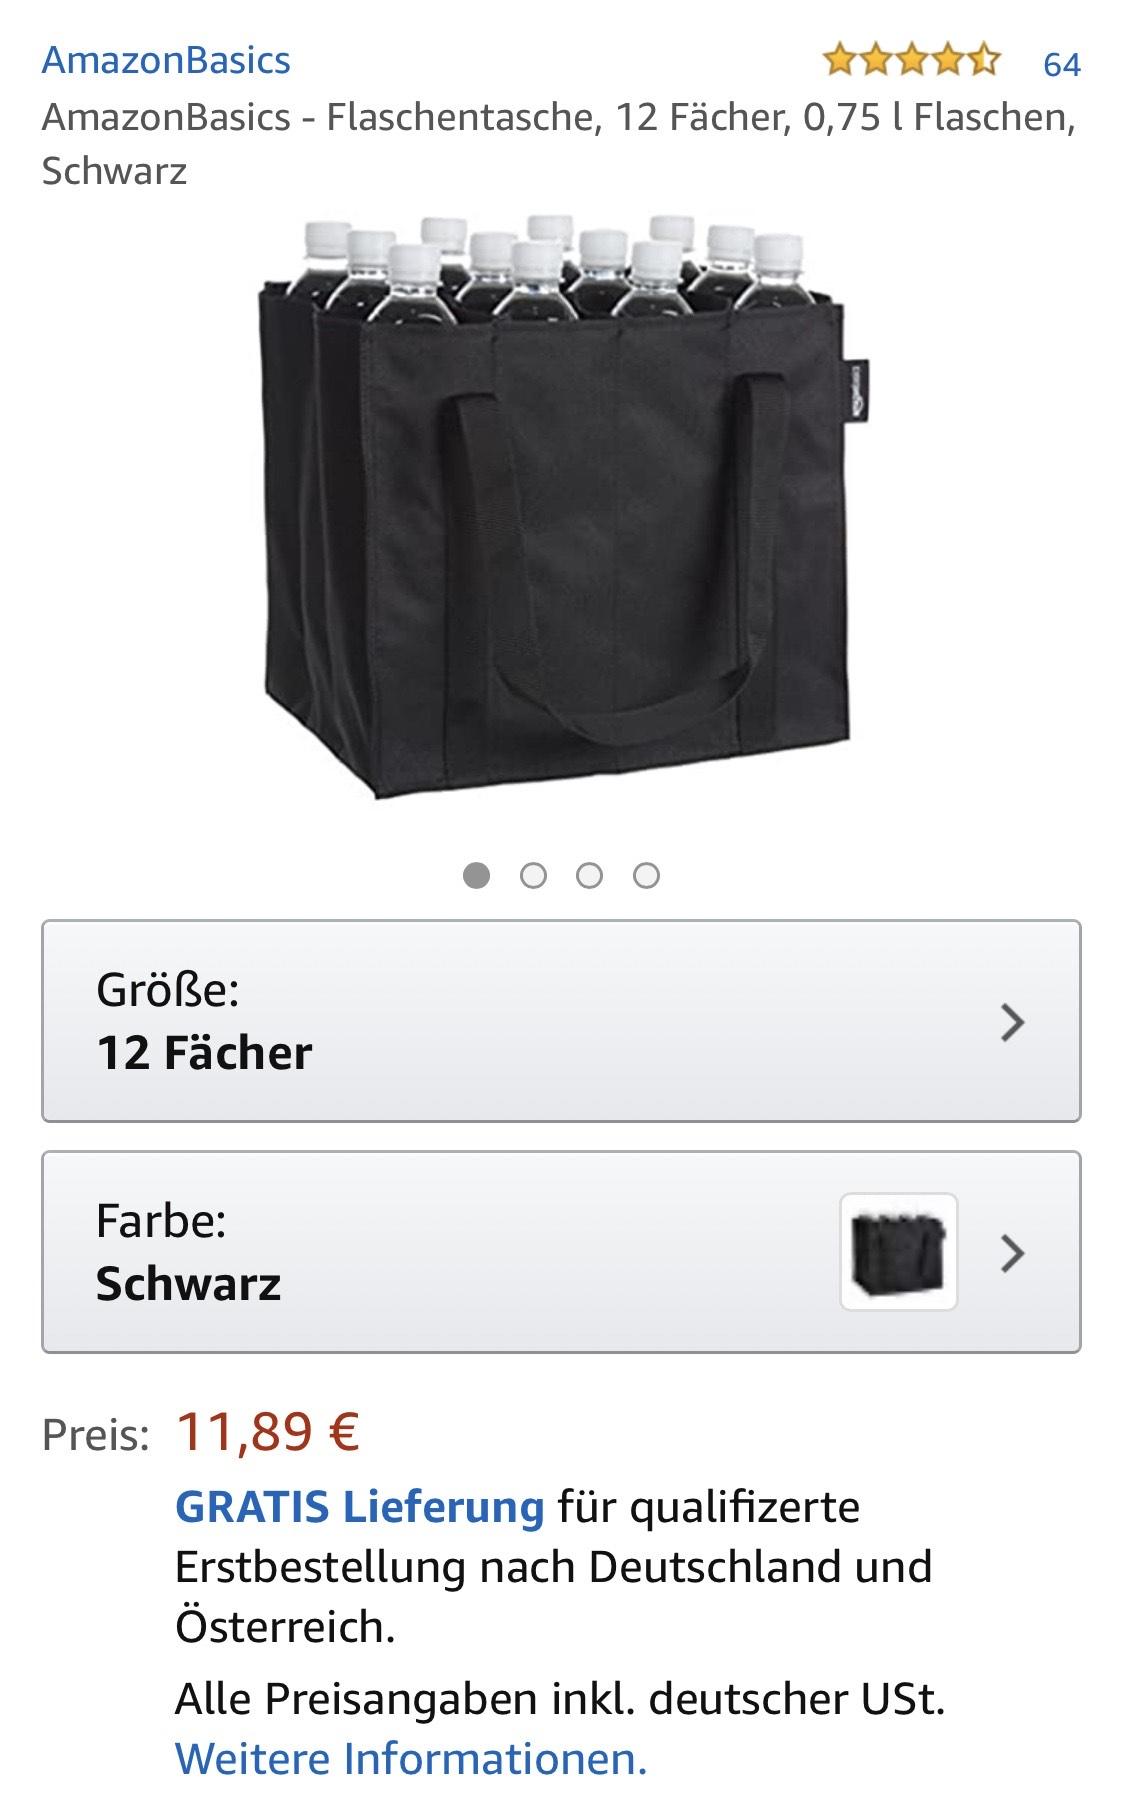 5€ Rabatt auf ausgewählte Amazon Produkte